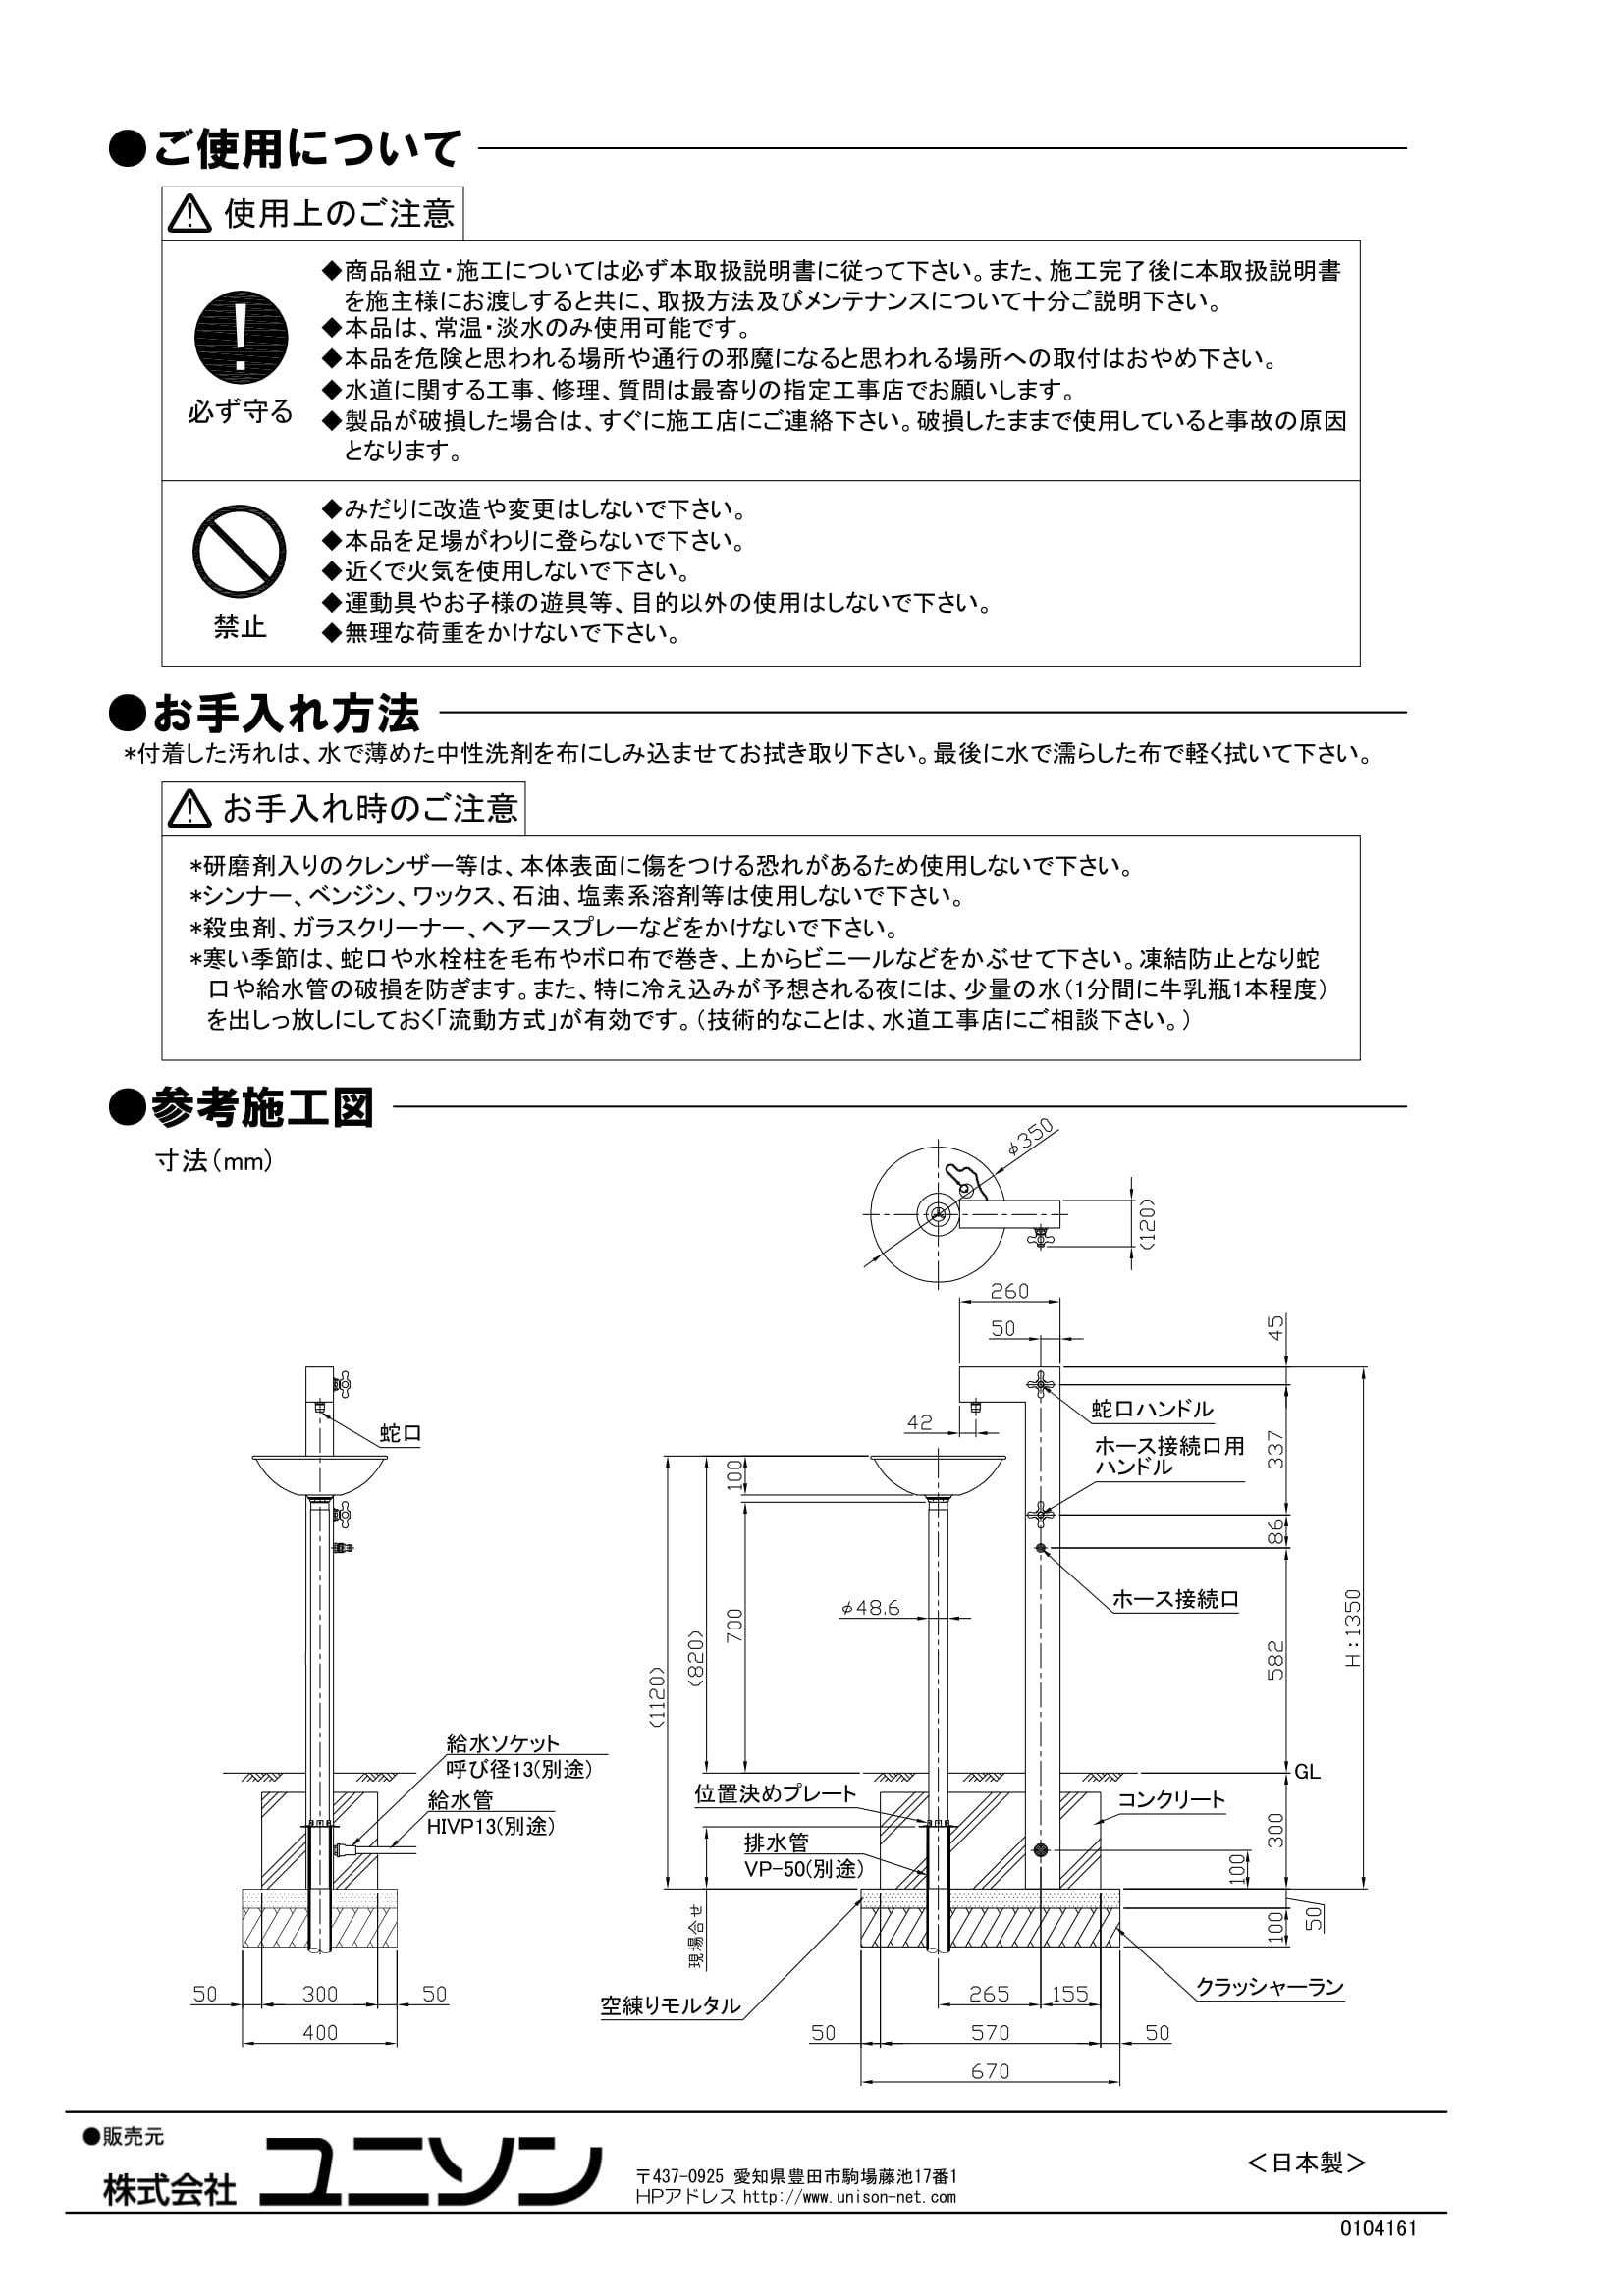 ガーデンシンクライアン_取扱説明書-2